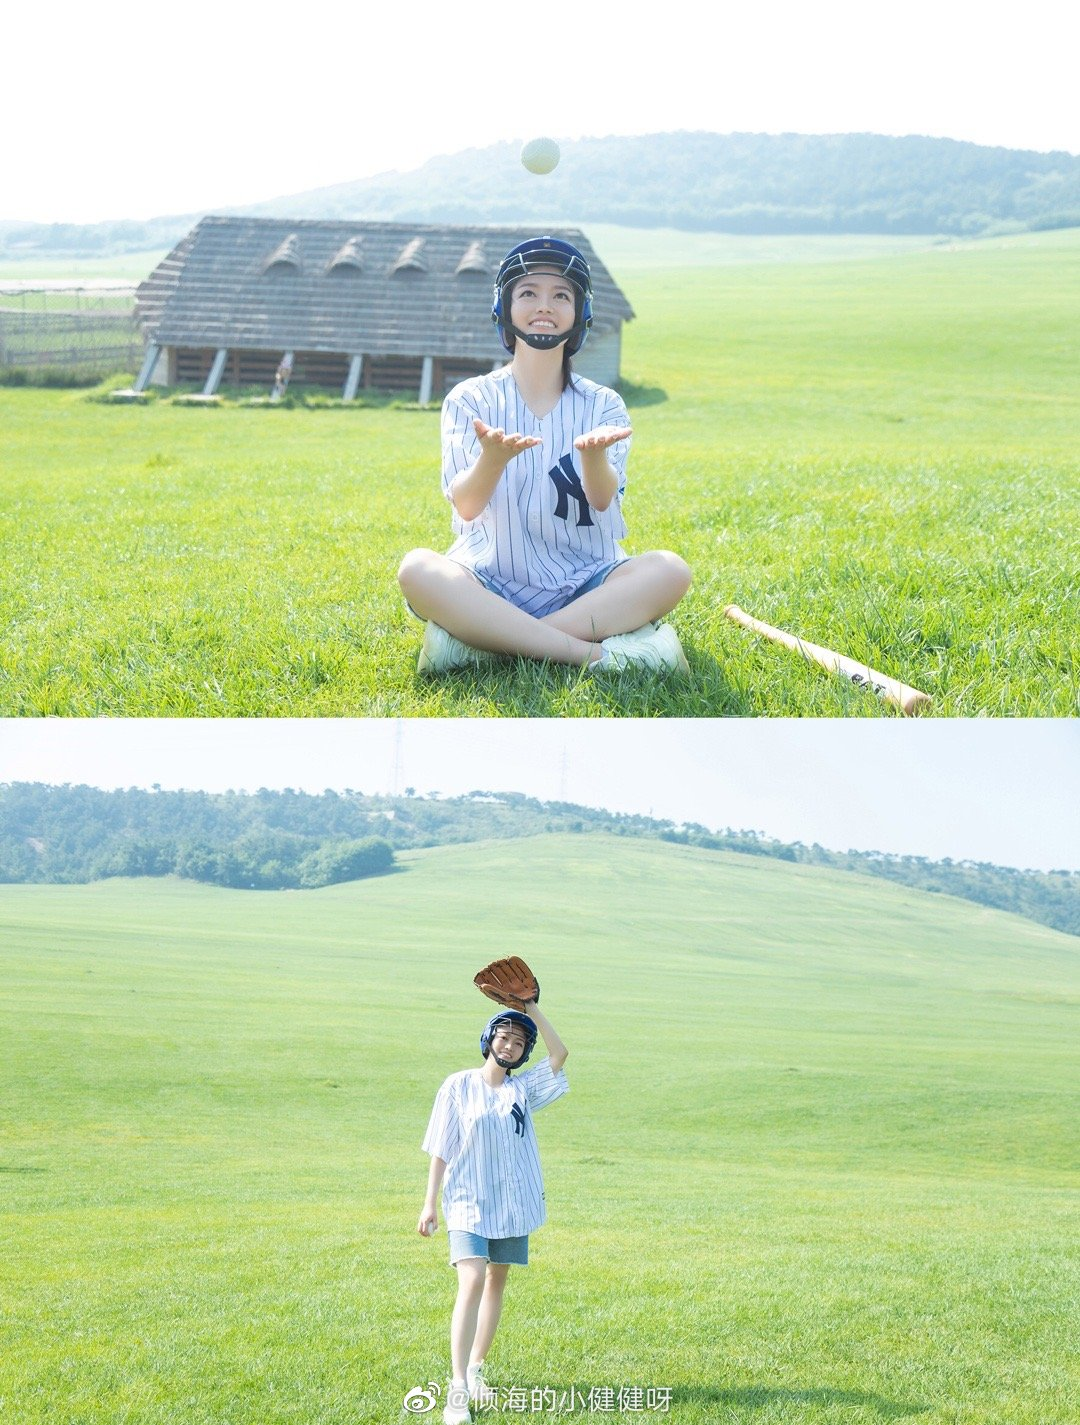 公主日记☘️棒球少女——牧场客照分享...美女